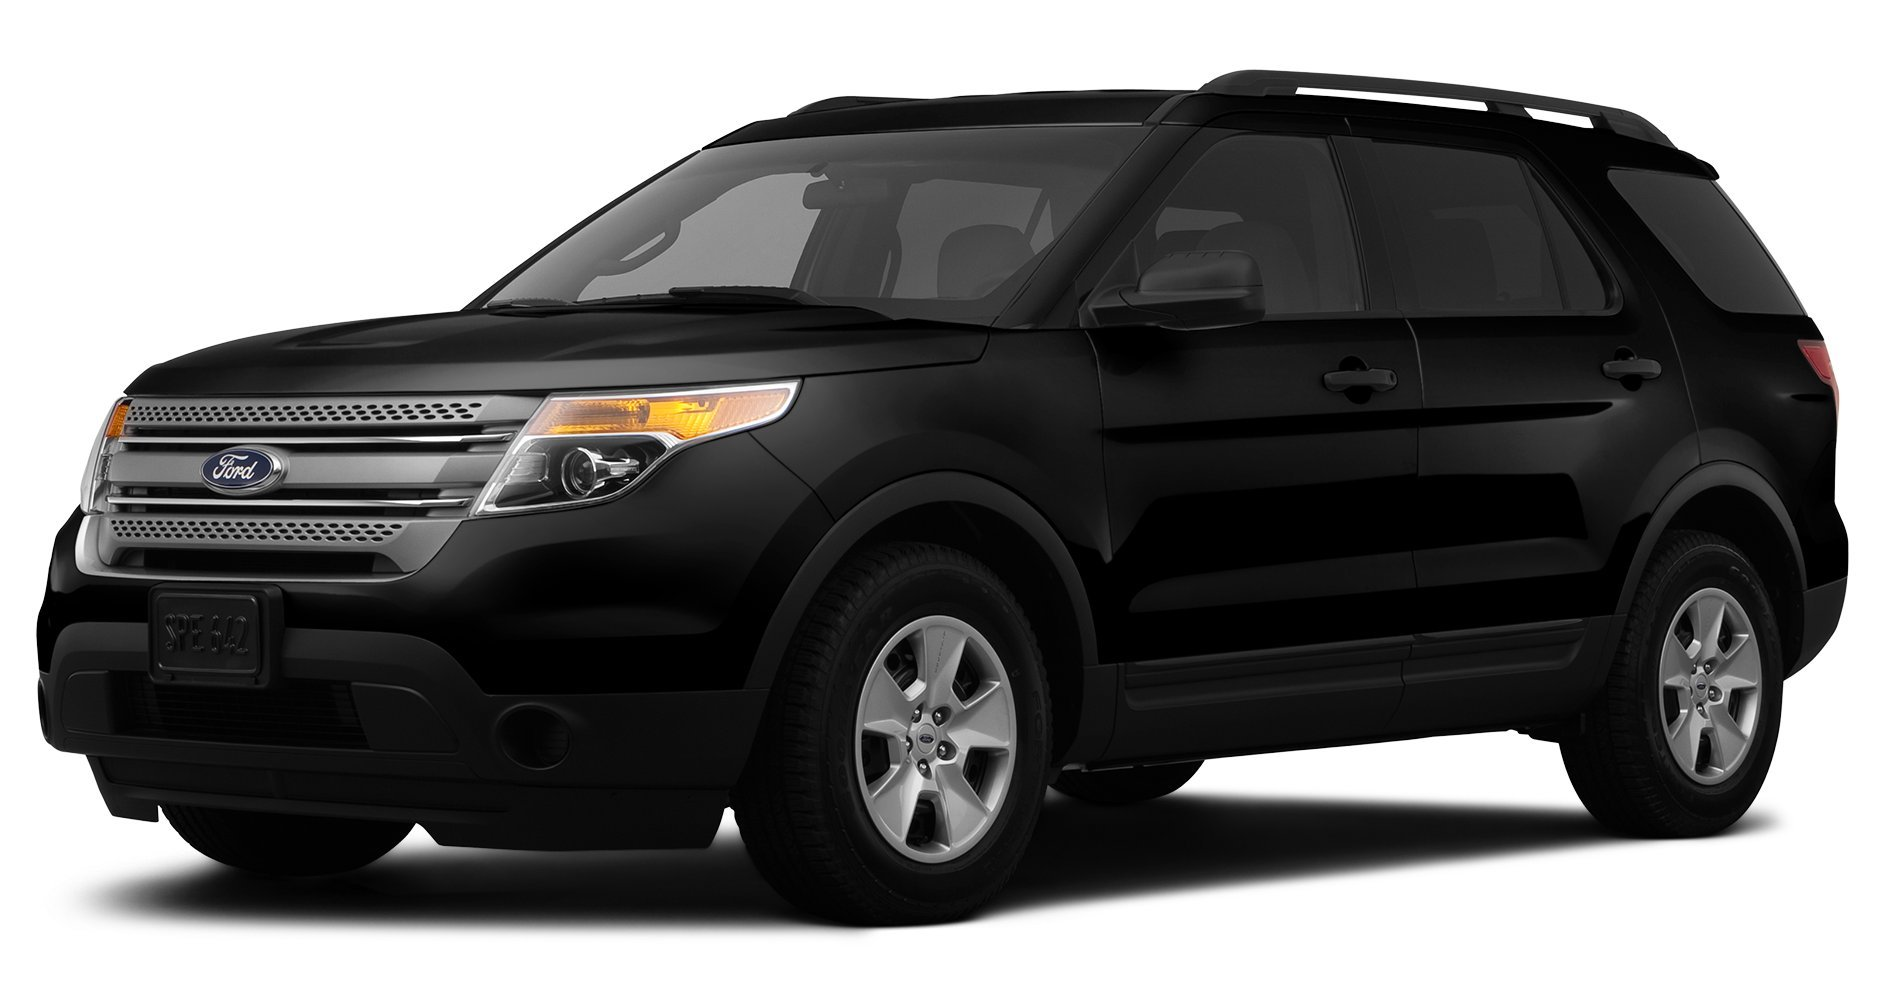 2012 ford explorer base 4 wheel drive 4 door